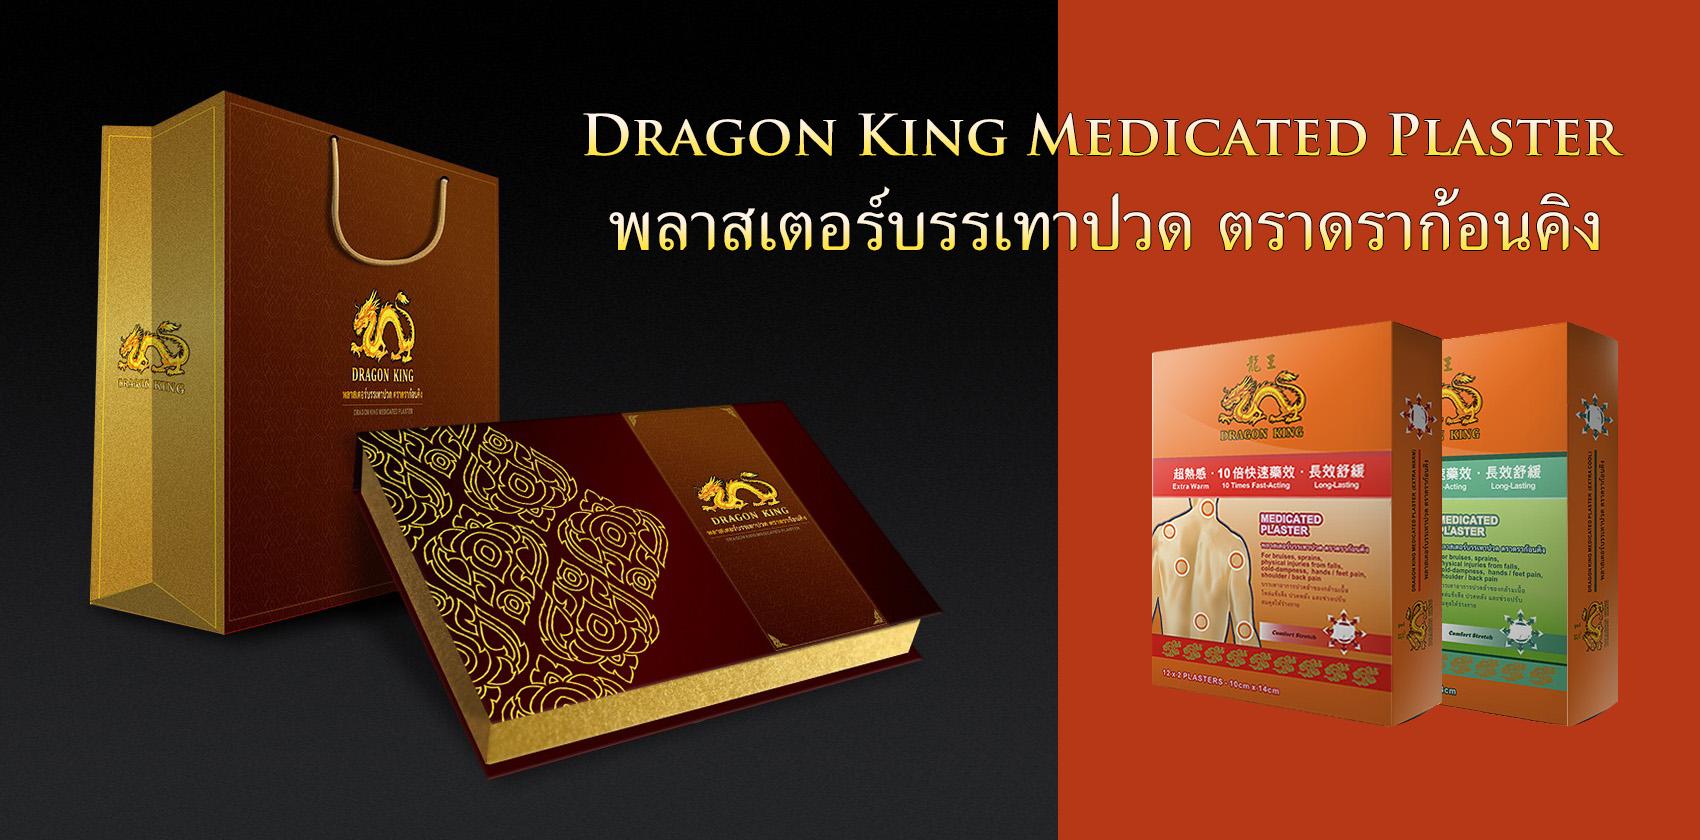 龍王水溶性凝膠痠痛藥用貼布 Dragon King Medicated Plaster